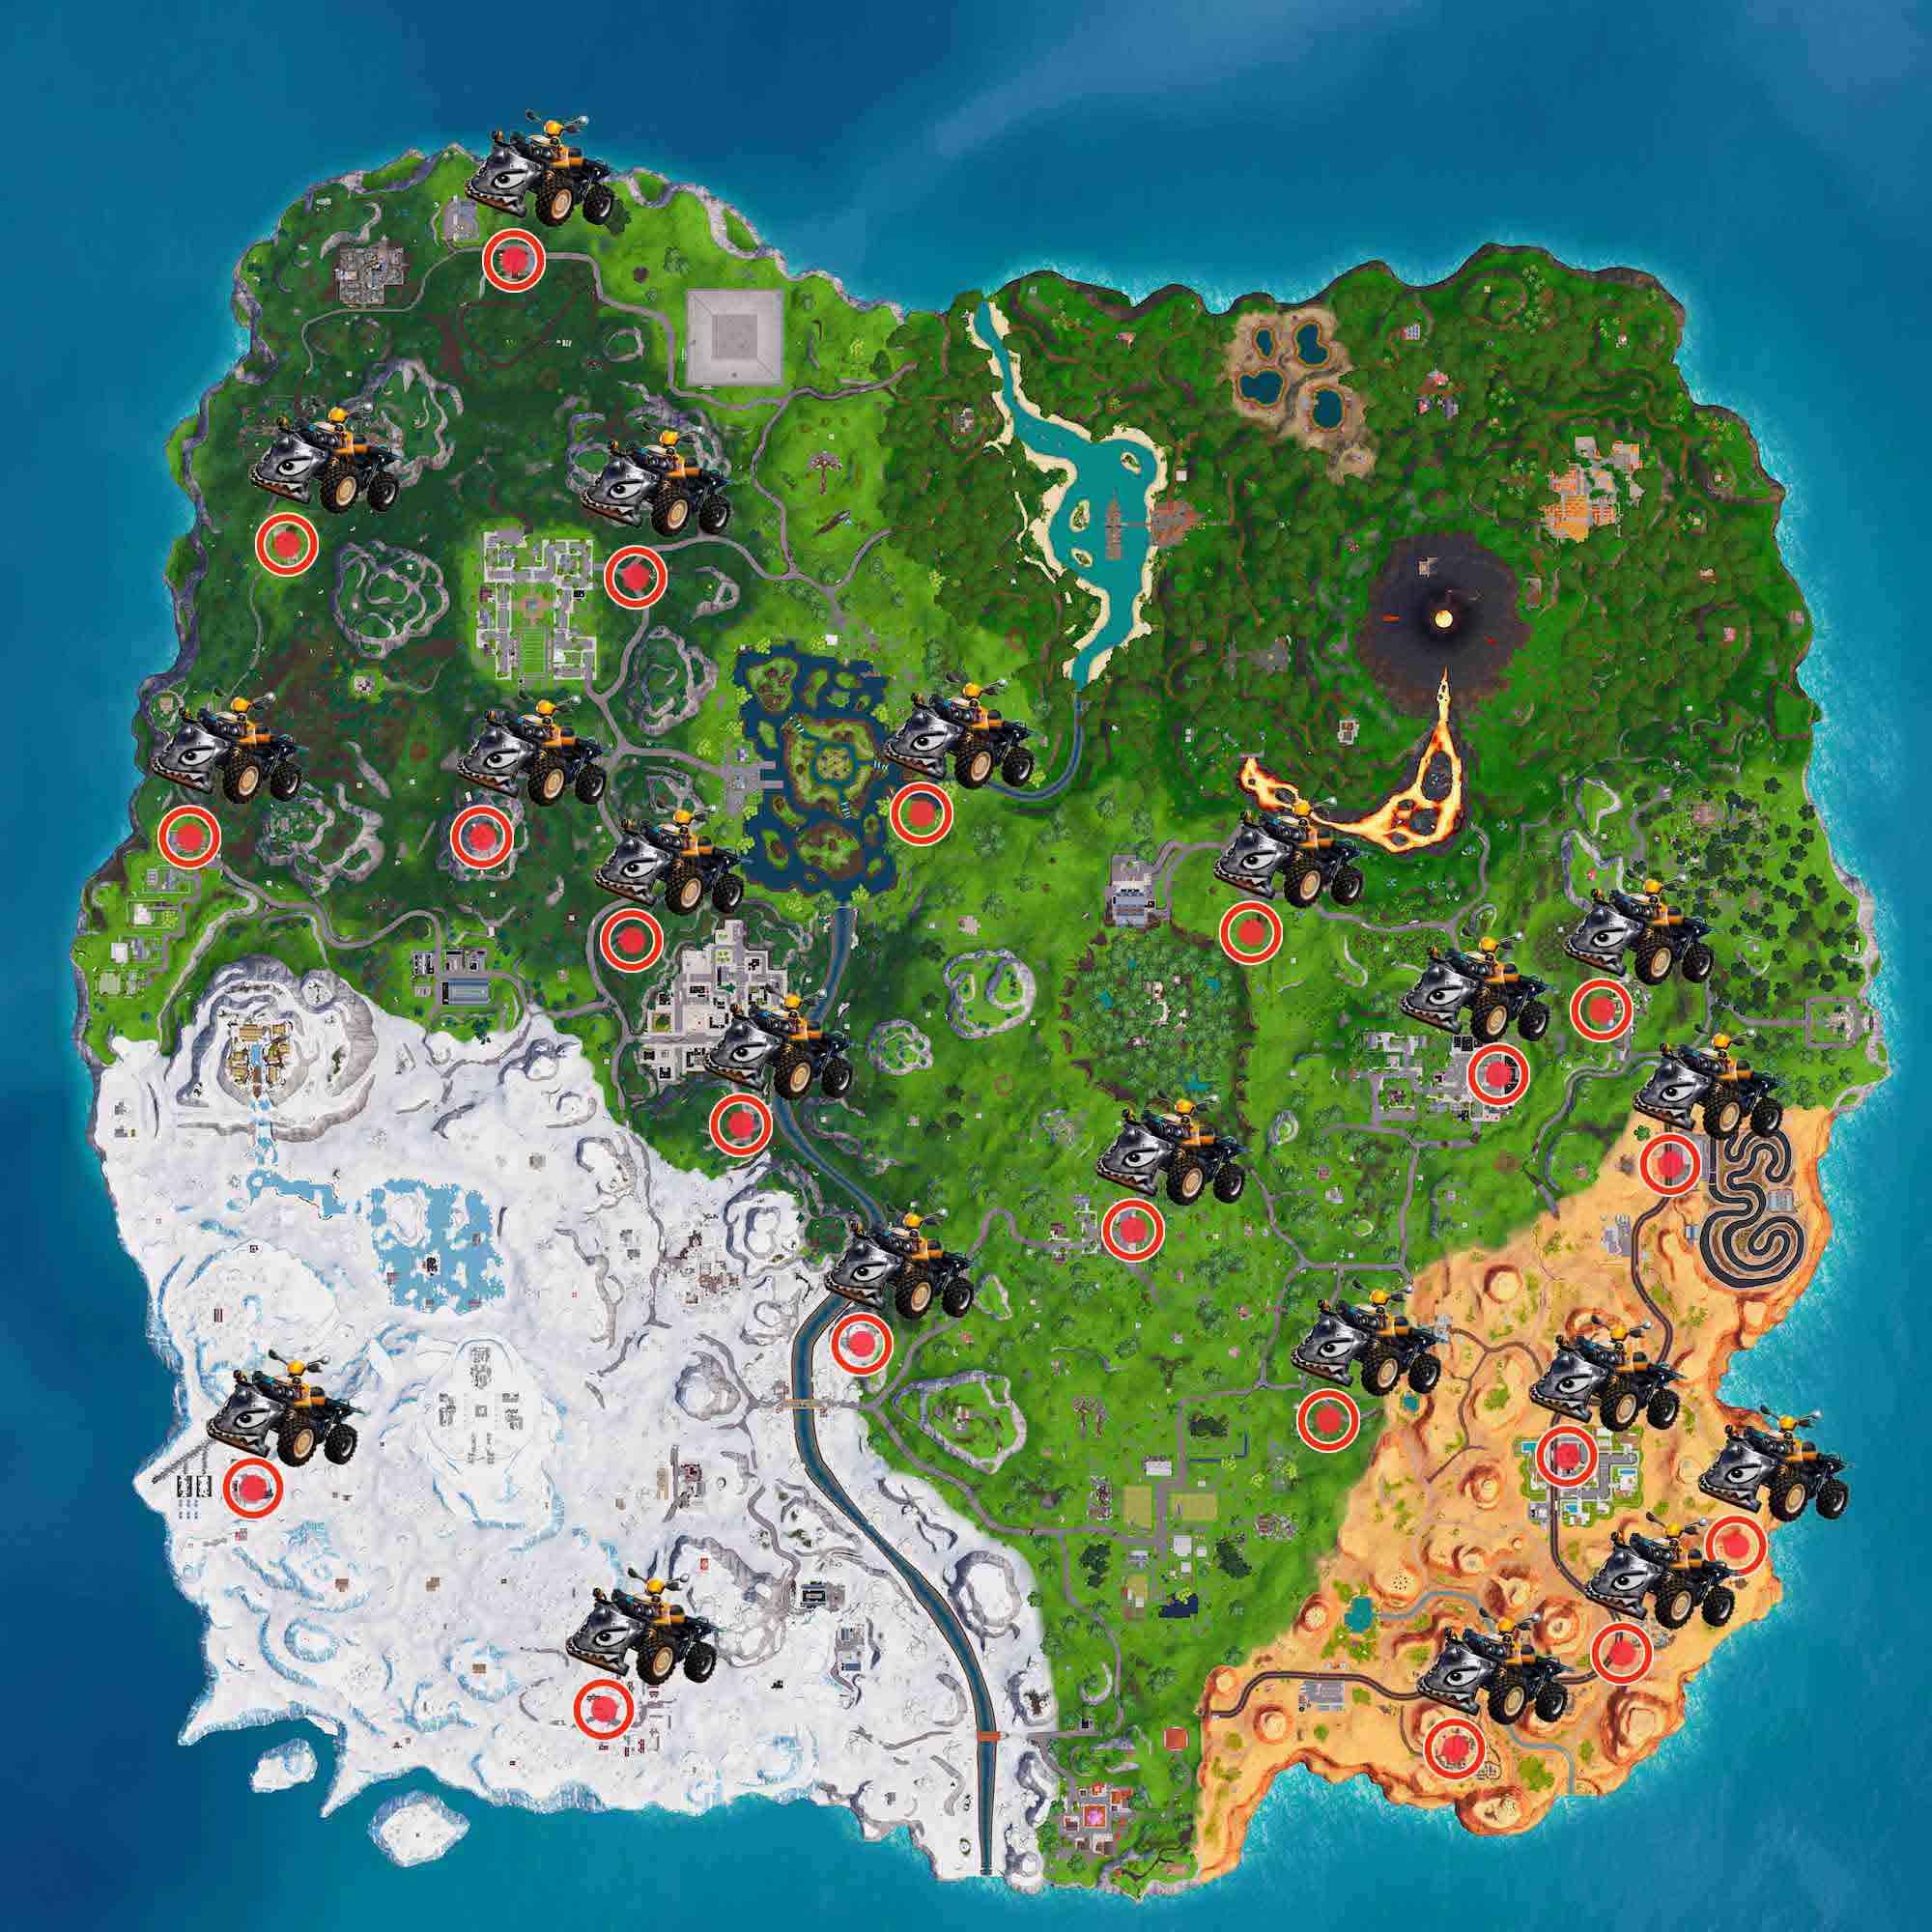 Quadtaclismo fortnite temporada 8 mapa